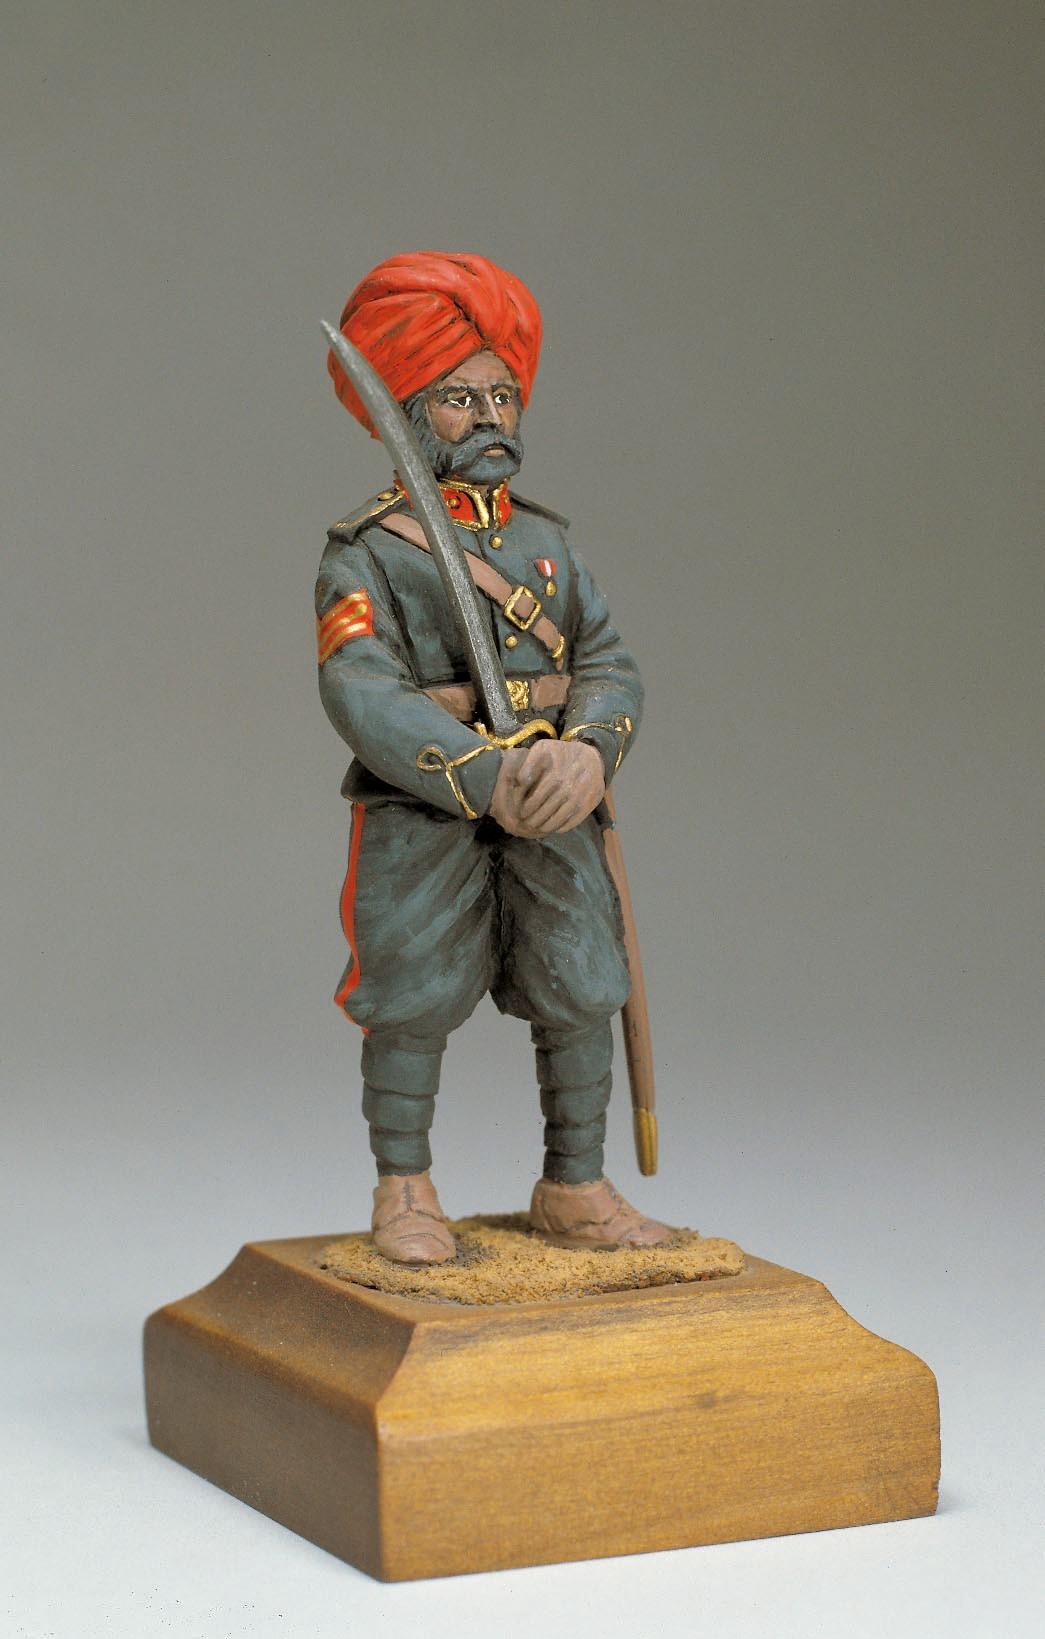 Indian Artillery Officer Figurine, 1900 (Amati)